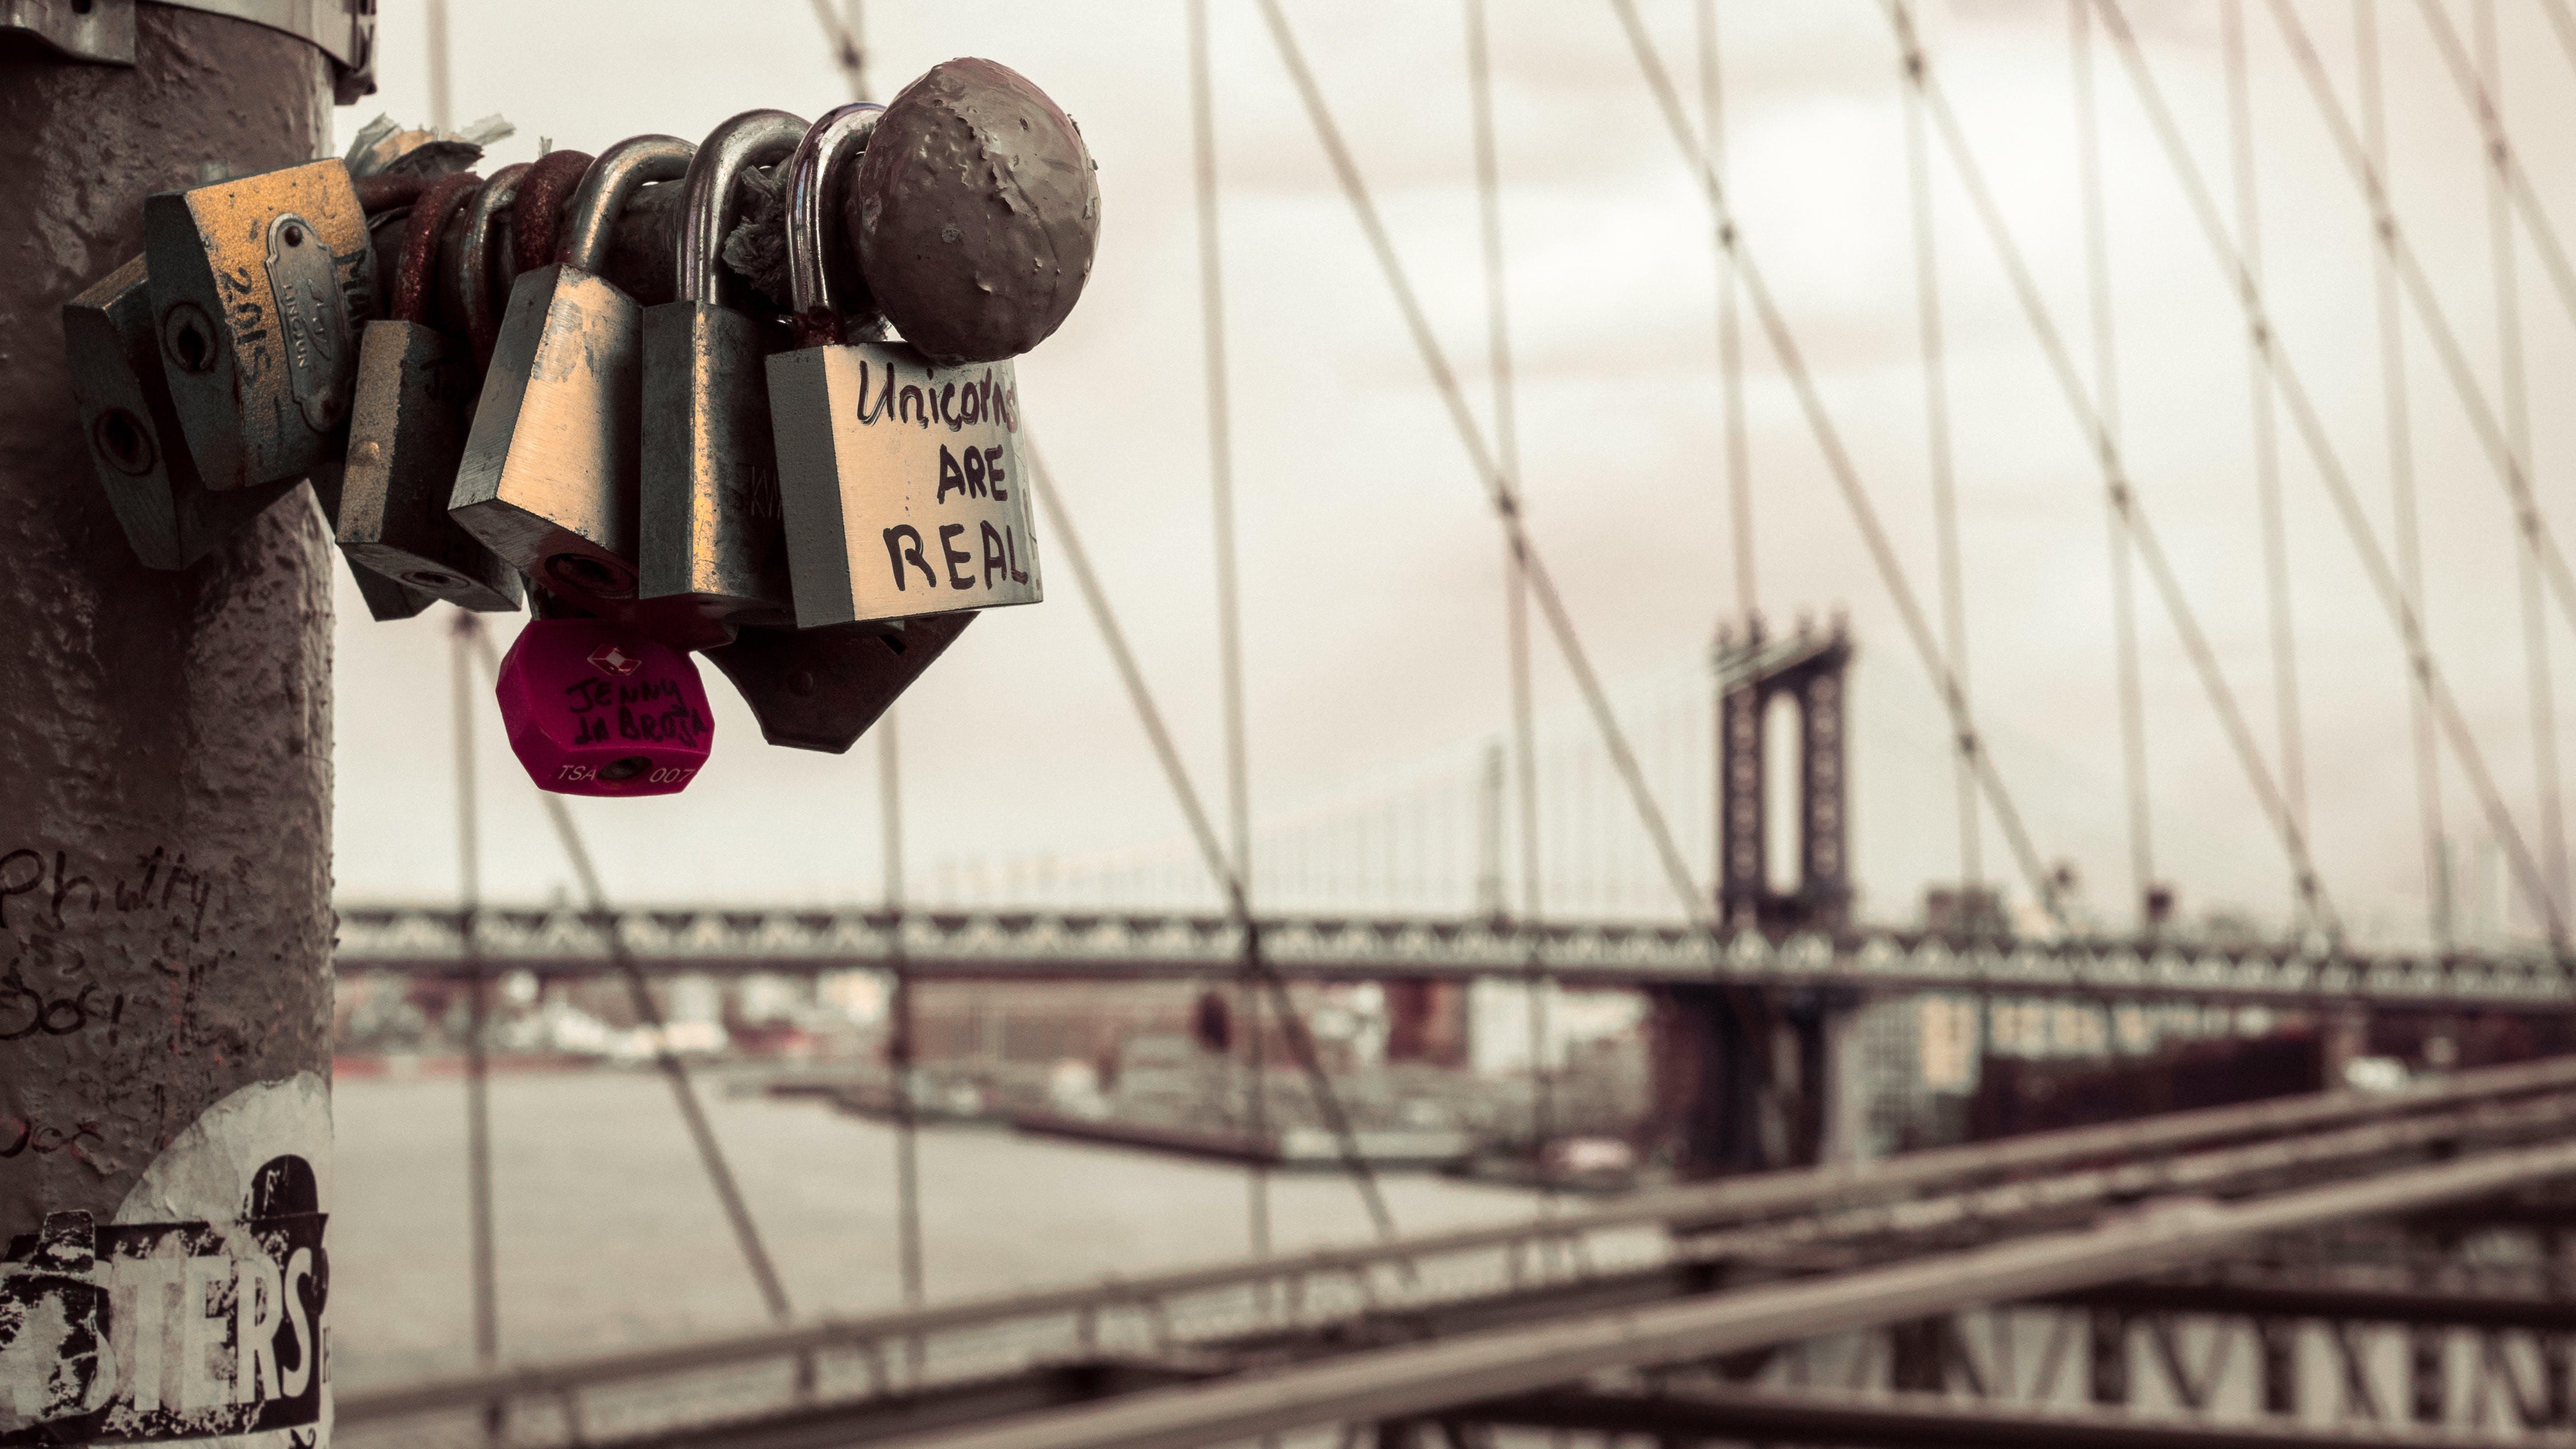 Kostenloses Stock Foto zu architektur, ausrüstung, boot, brooklyn